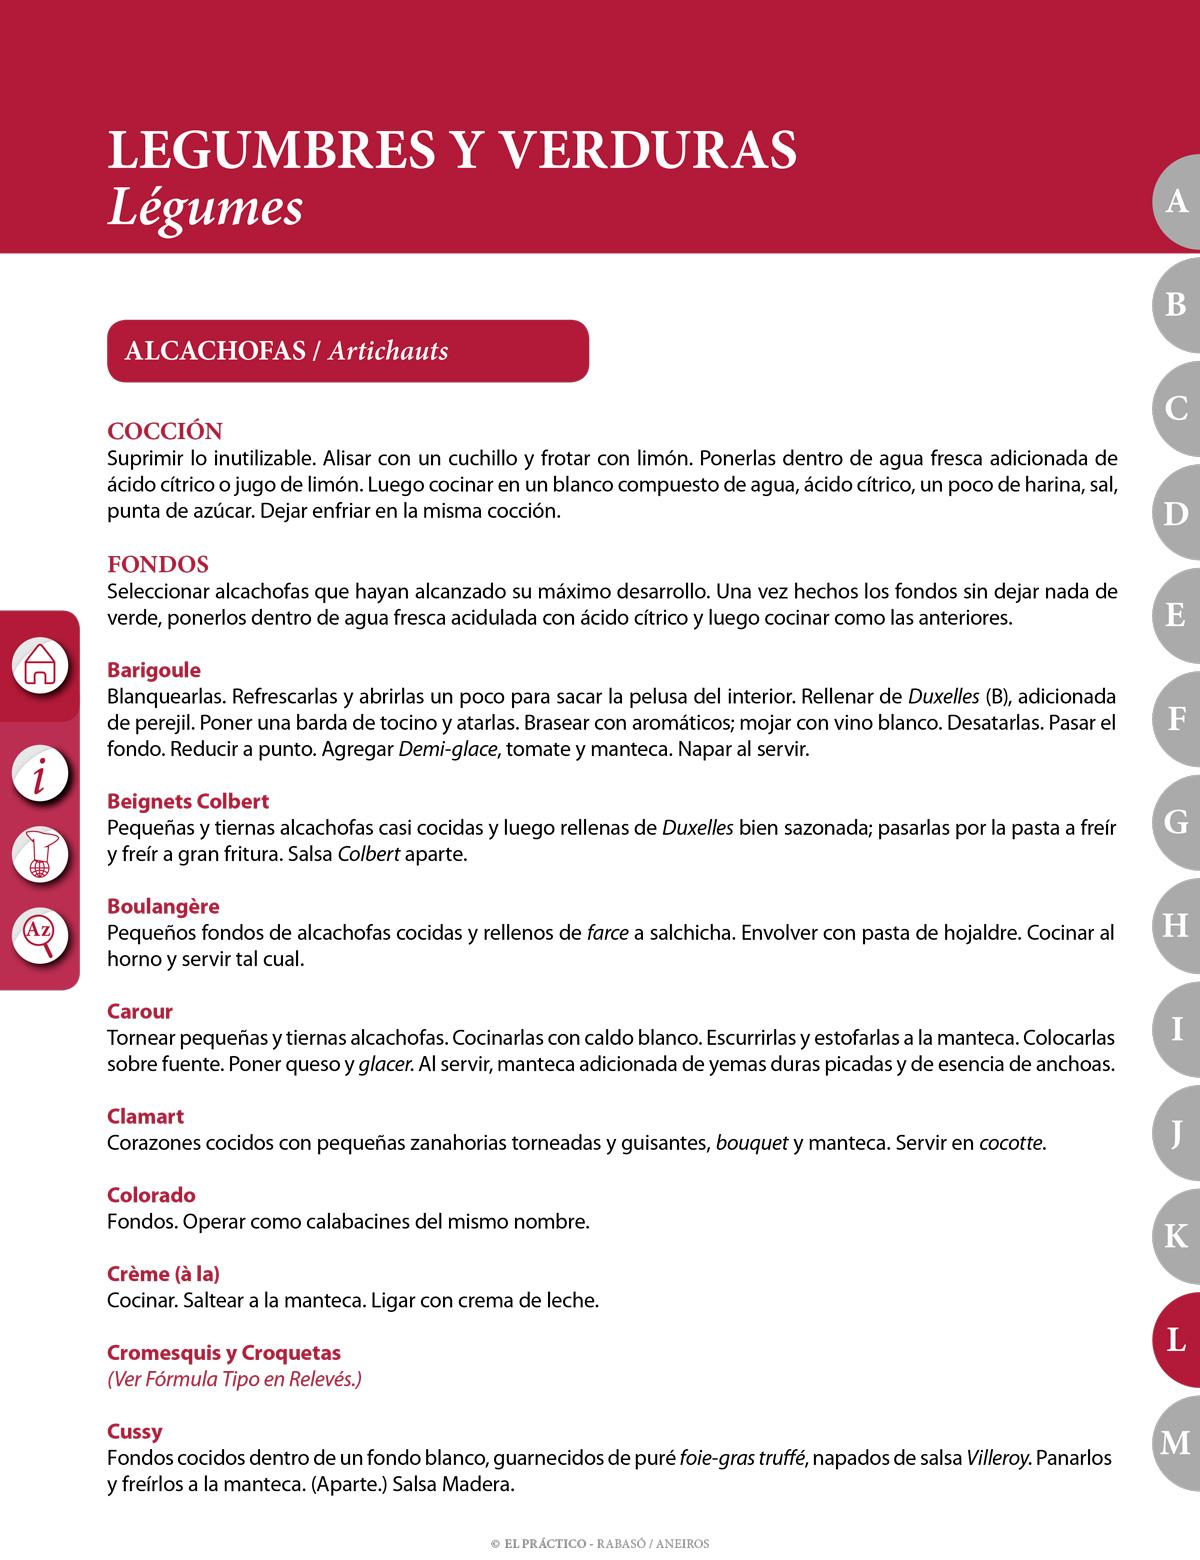 El PRACTICO 1.0 - Edición Digital eBook - L - Legumbres